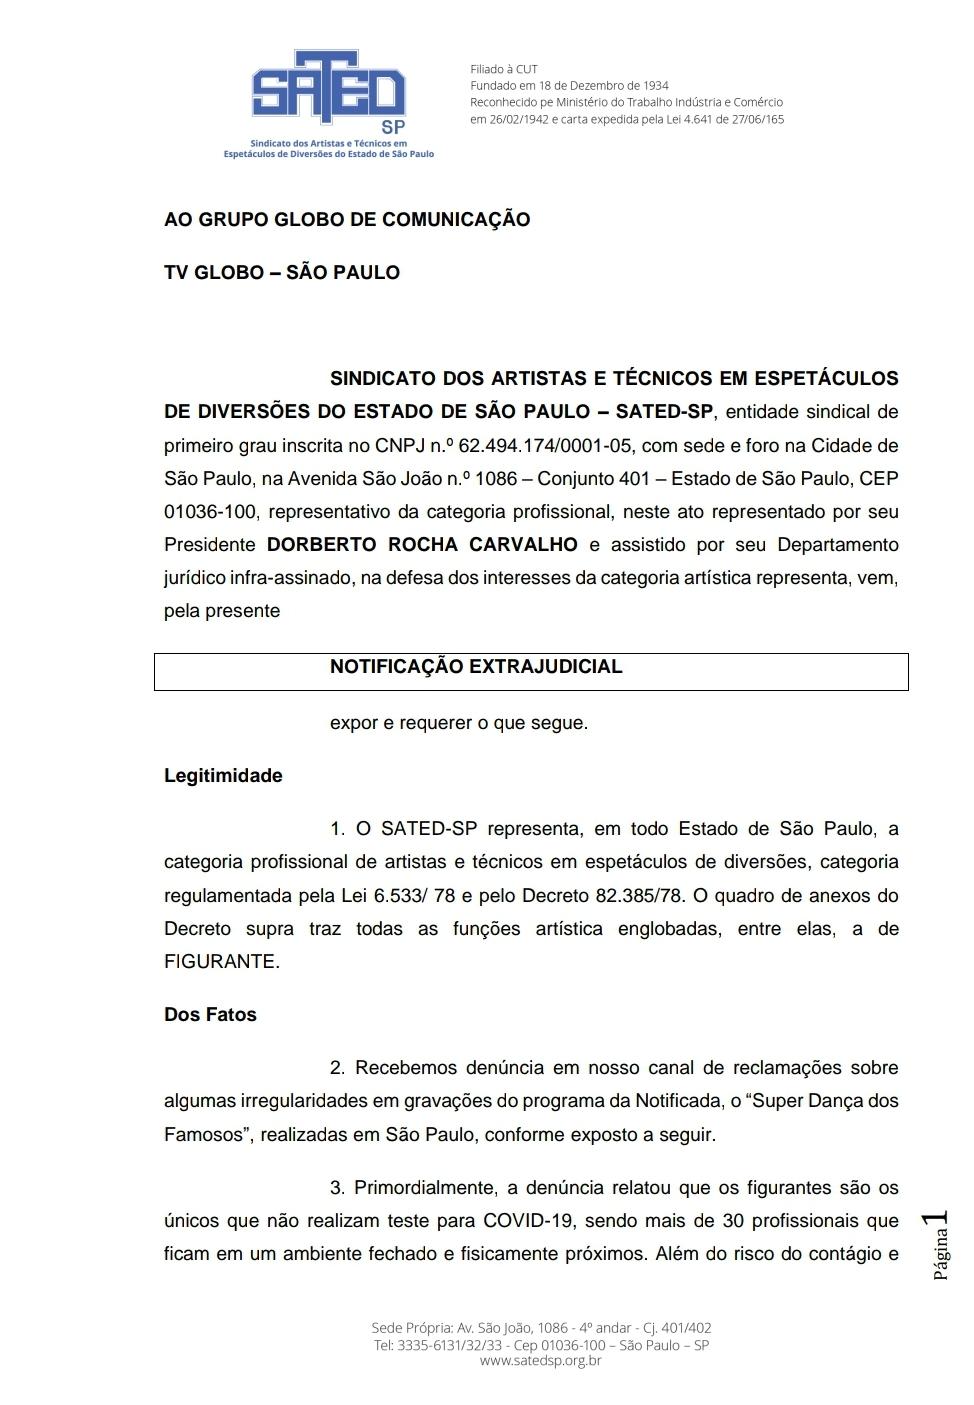 Denúncia: Globo põe figurantes em auditório sem testar para Covid 19